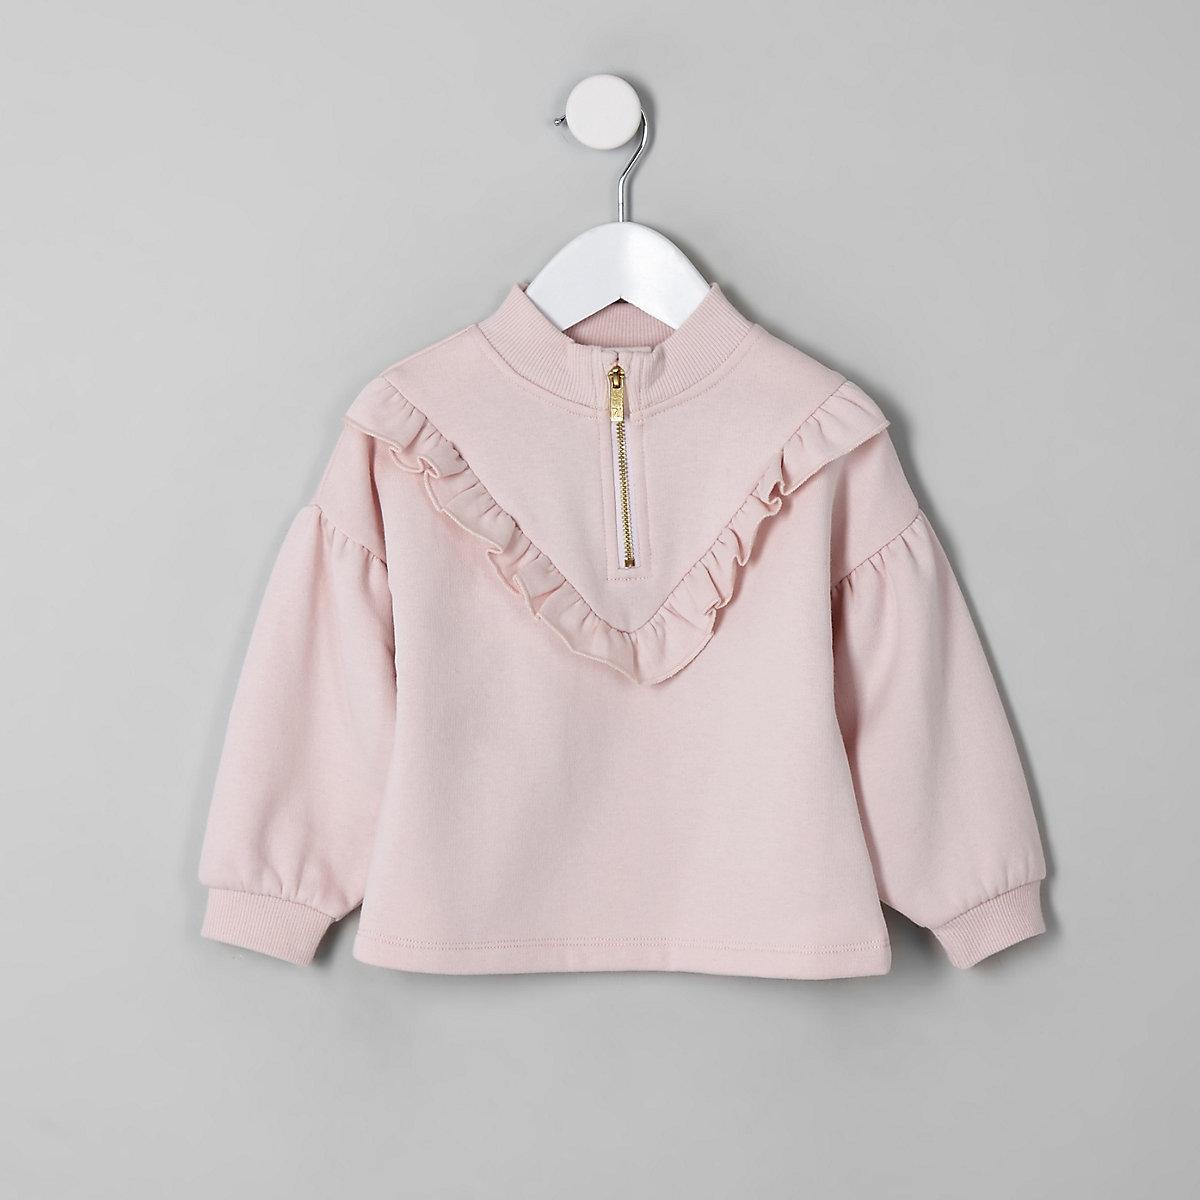 Rosa Sweatshirt mit Stehkragen und Reißverschluss